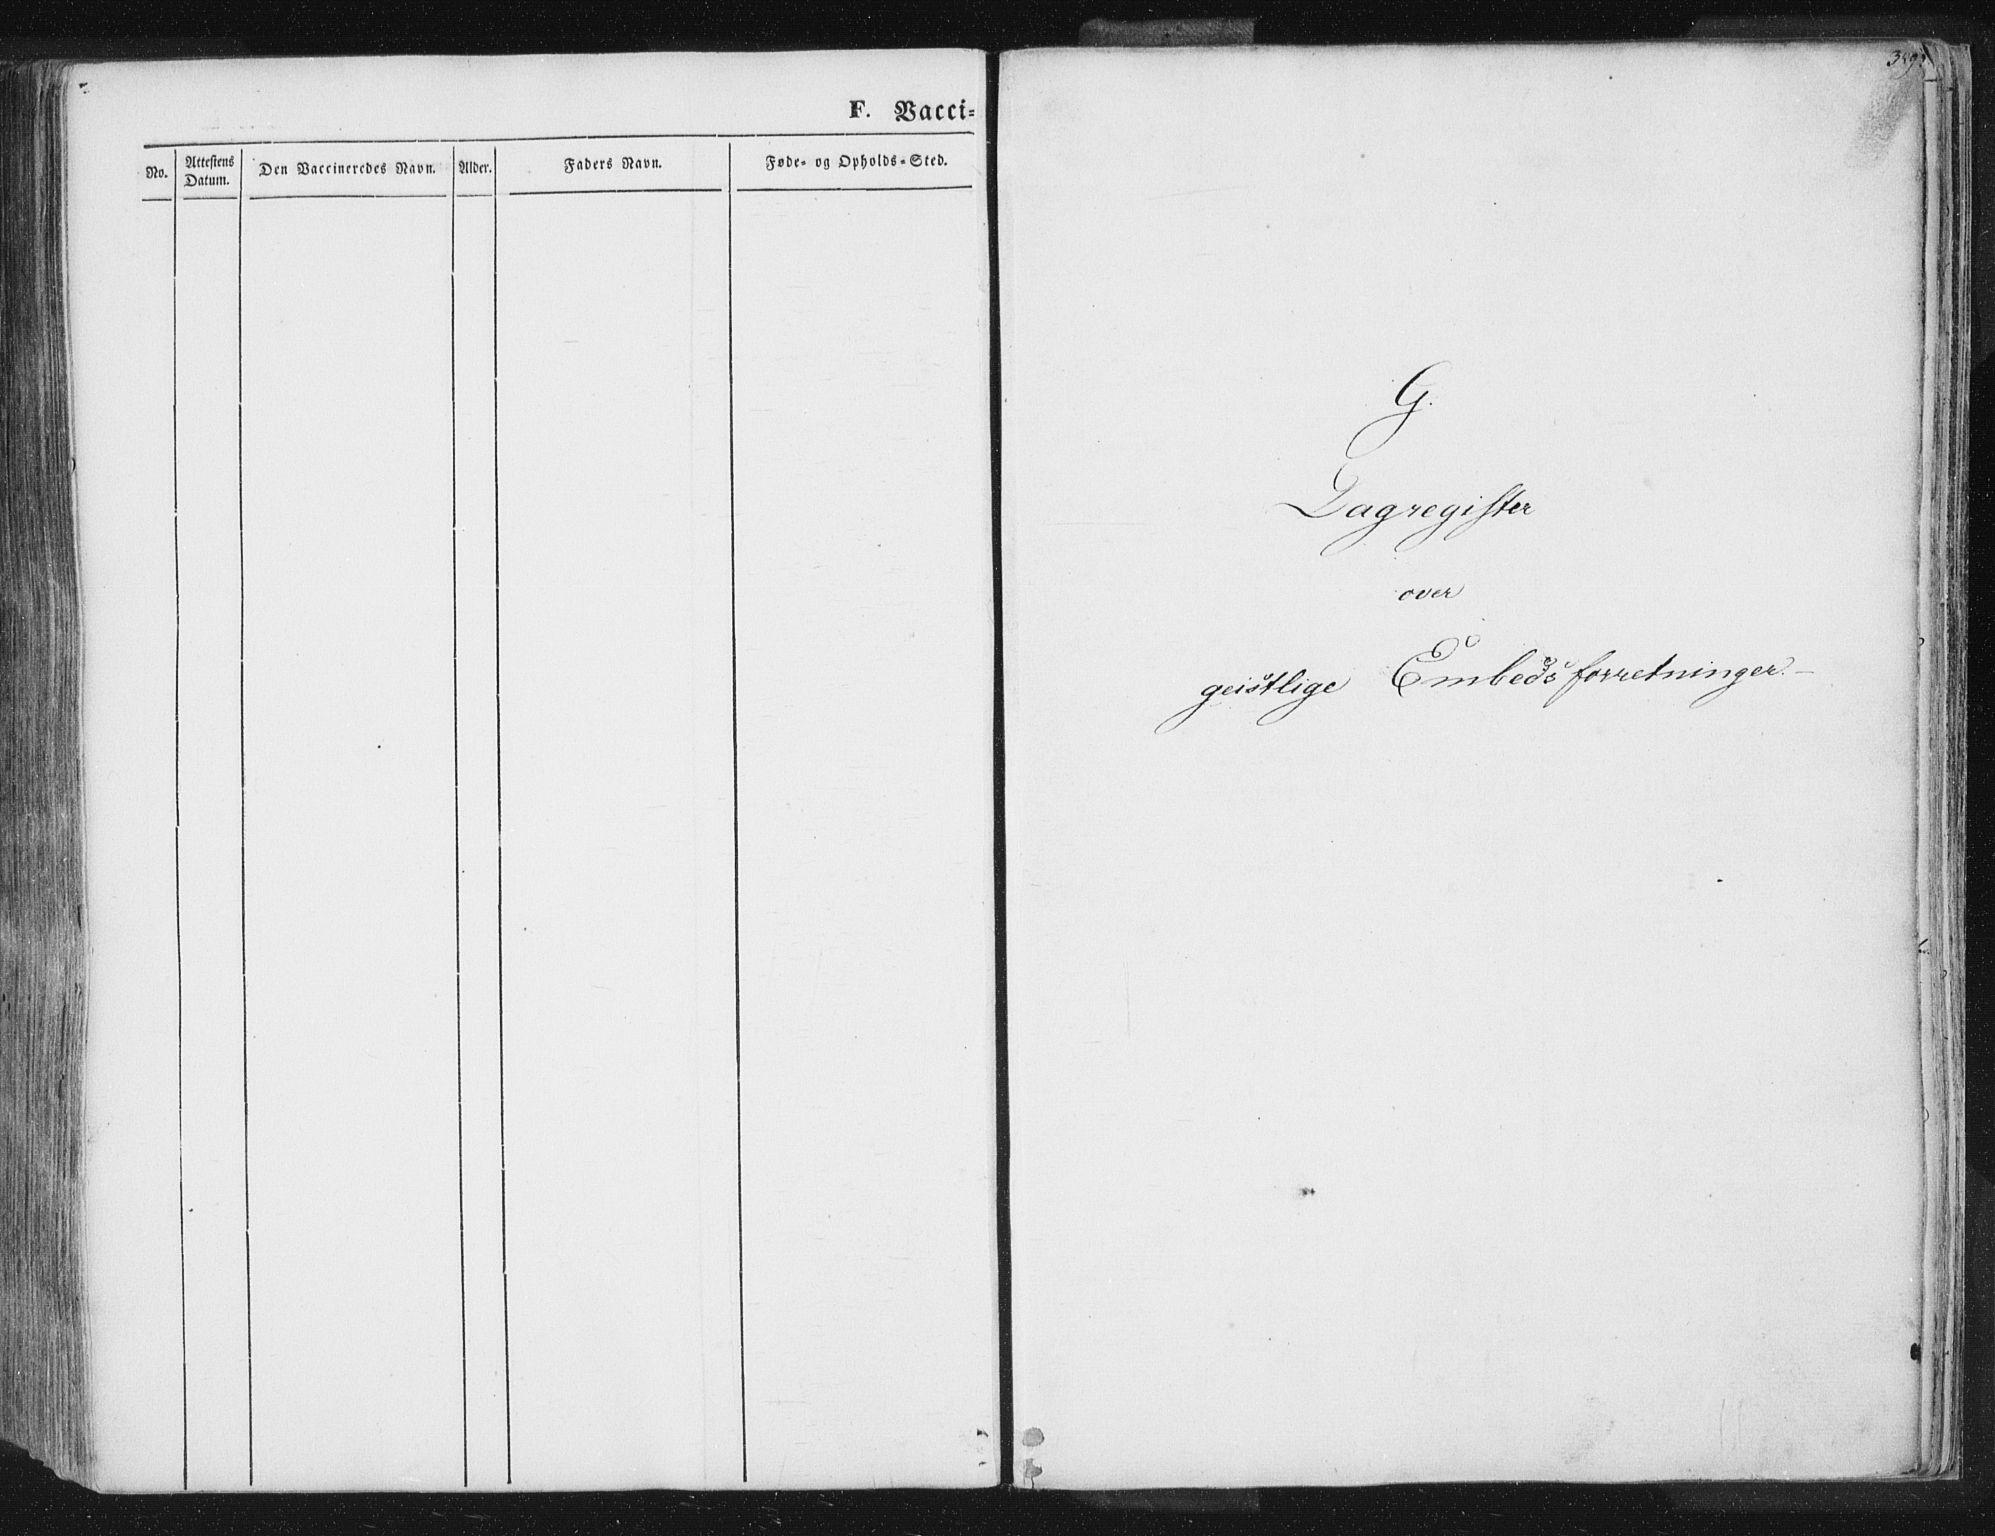 SAT, Ministerialprotokoller, klokkerbøker og fødselsregistre - Nord-Trøndelag, 741/L0392: Ministerialbok nr. 741A06, 1836-1848, s. 359